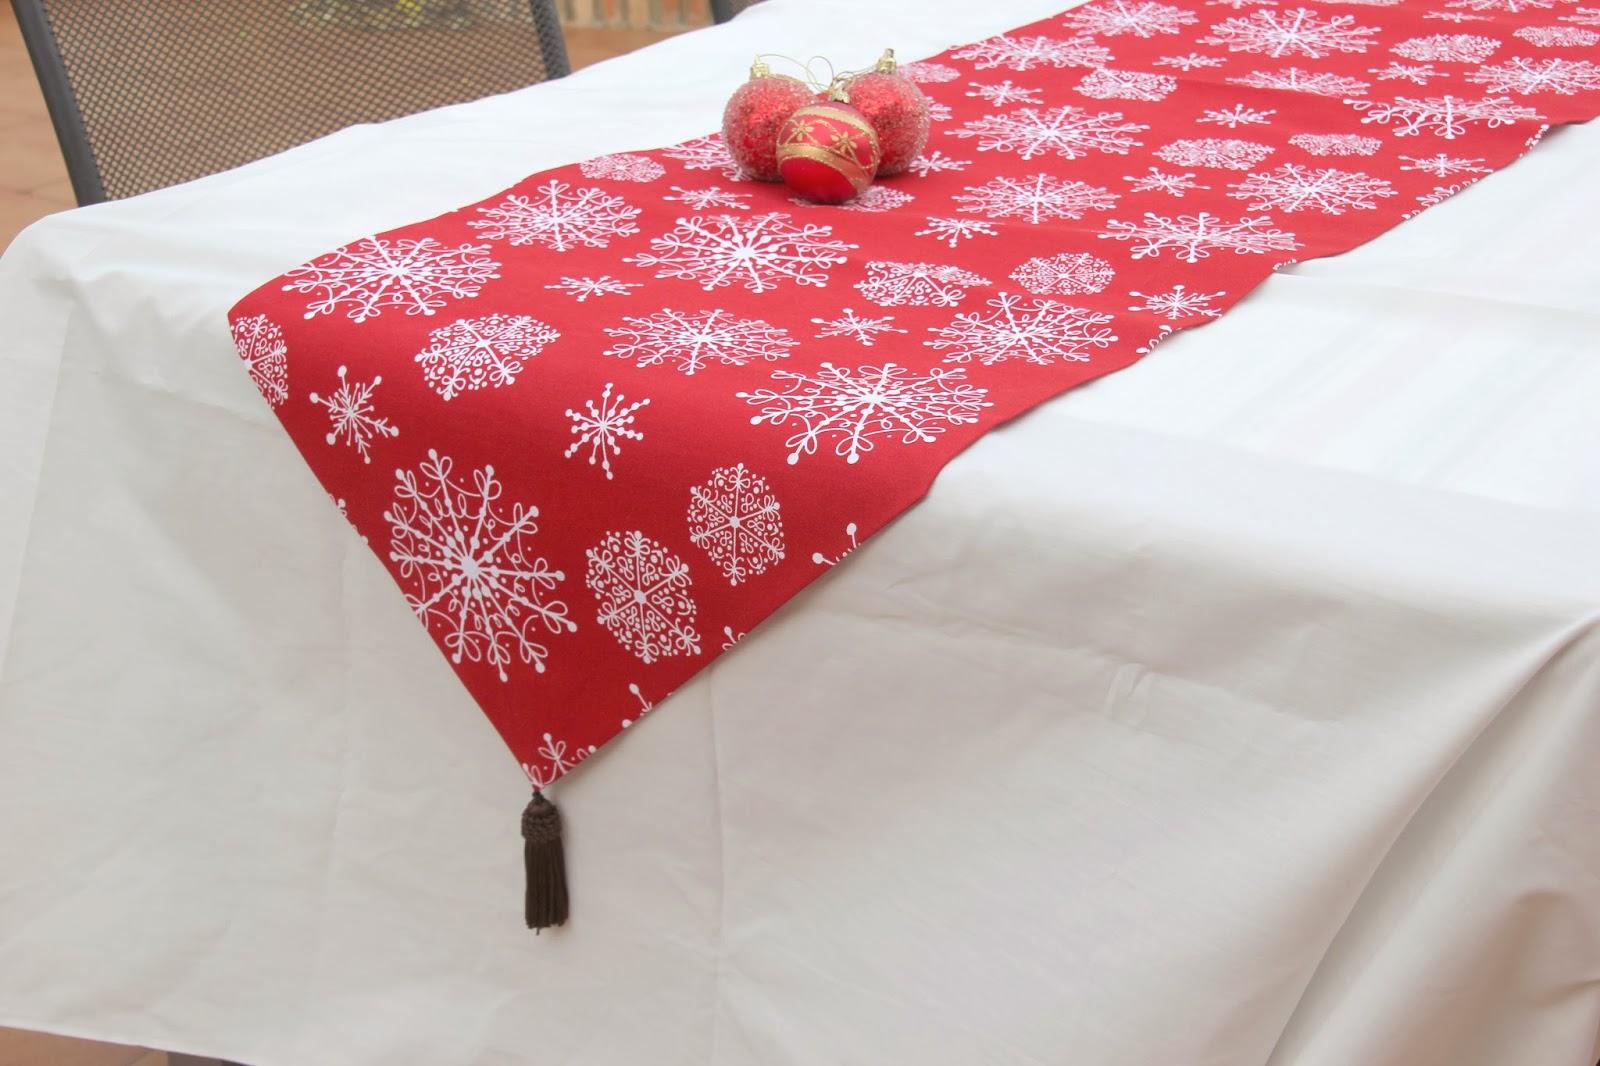 Diy Navidad Camino De Mesa Navideno Para Decorar Tu Mesa Oh - Decoracion-navidea-facil-de-hacer